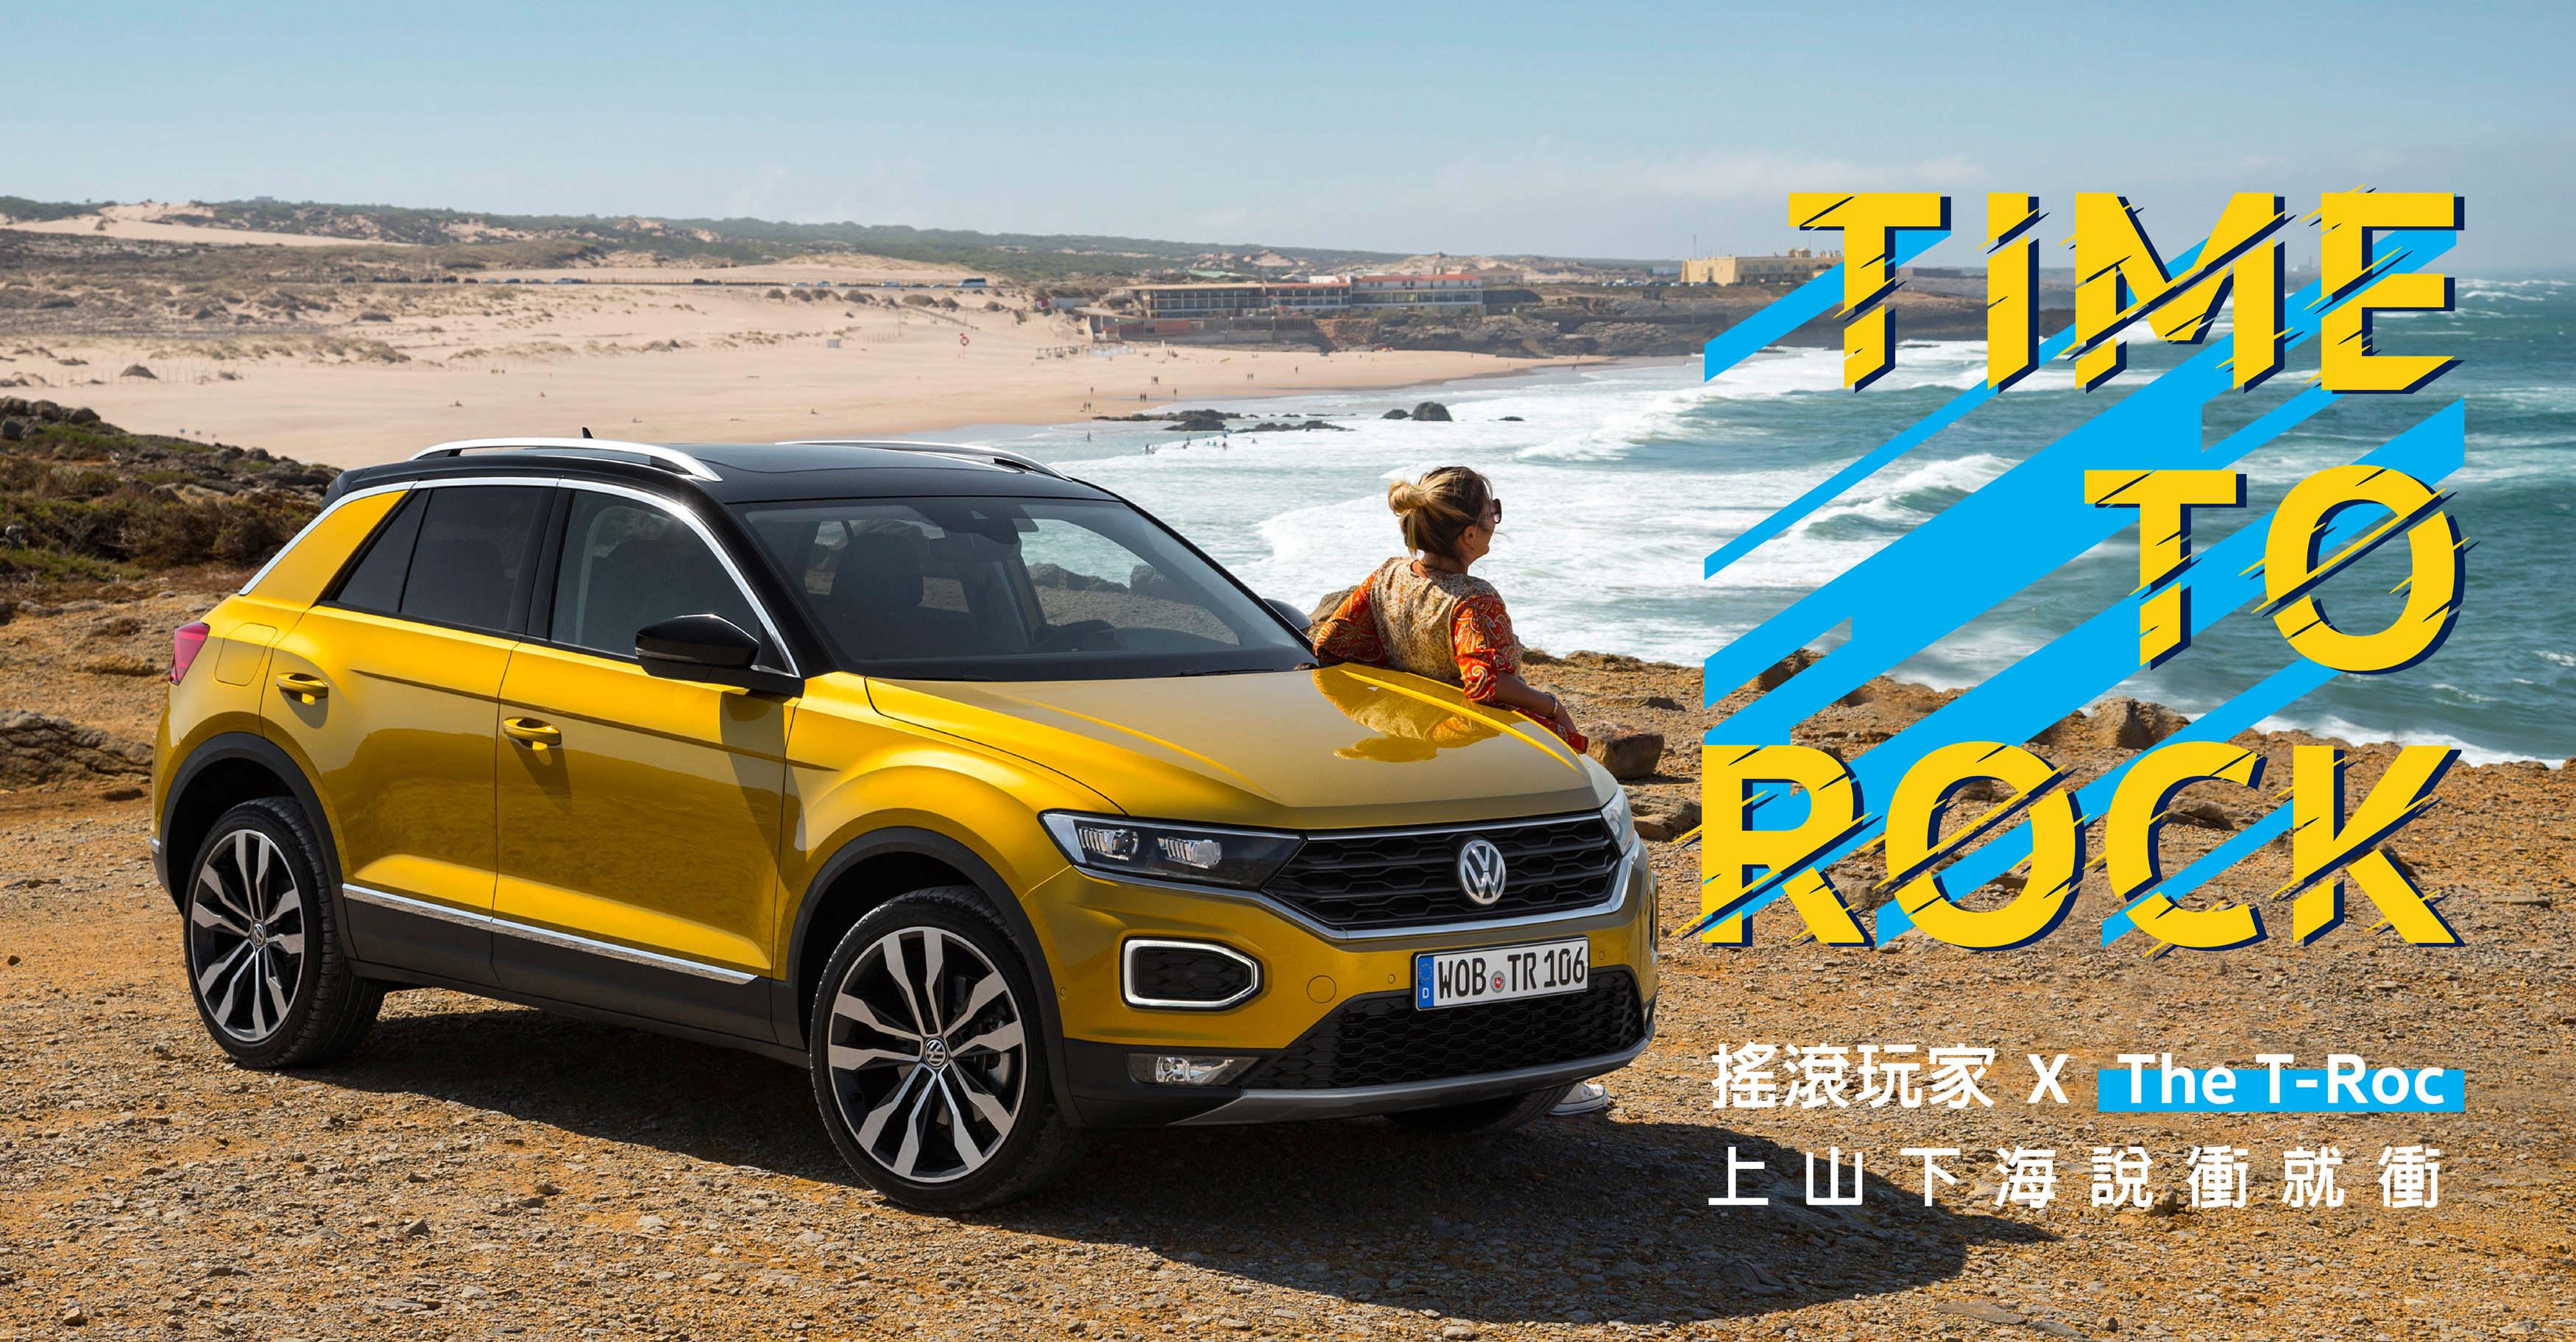 想體驗 Volkswagen T-Roc 一整天?線上報名解任務就可以!